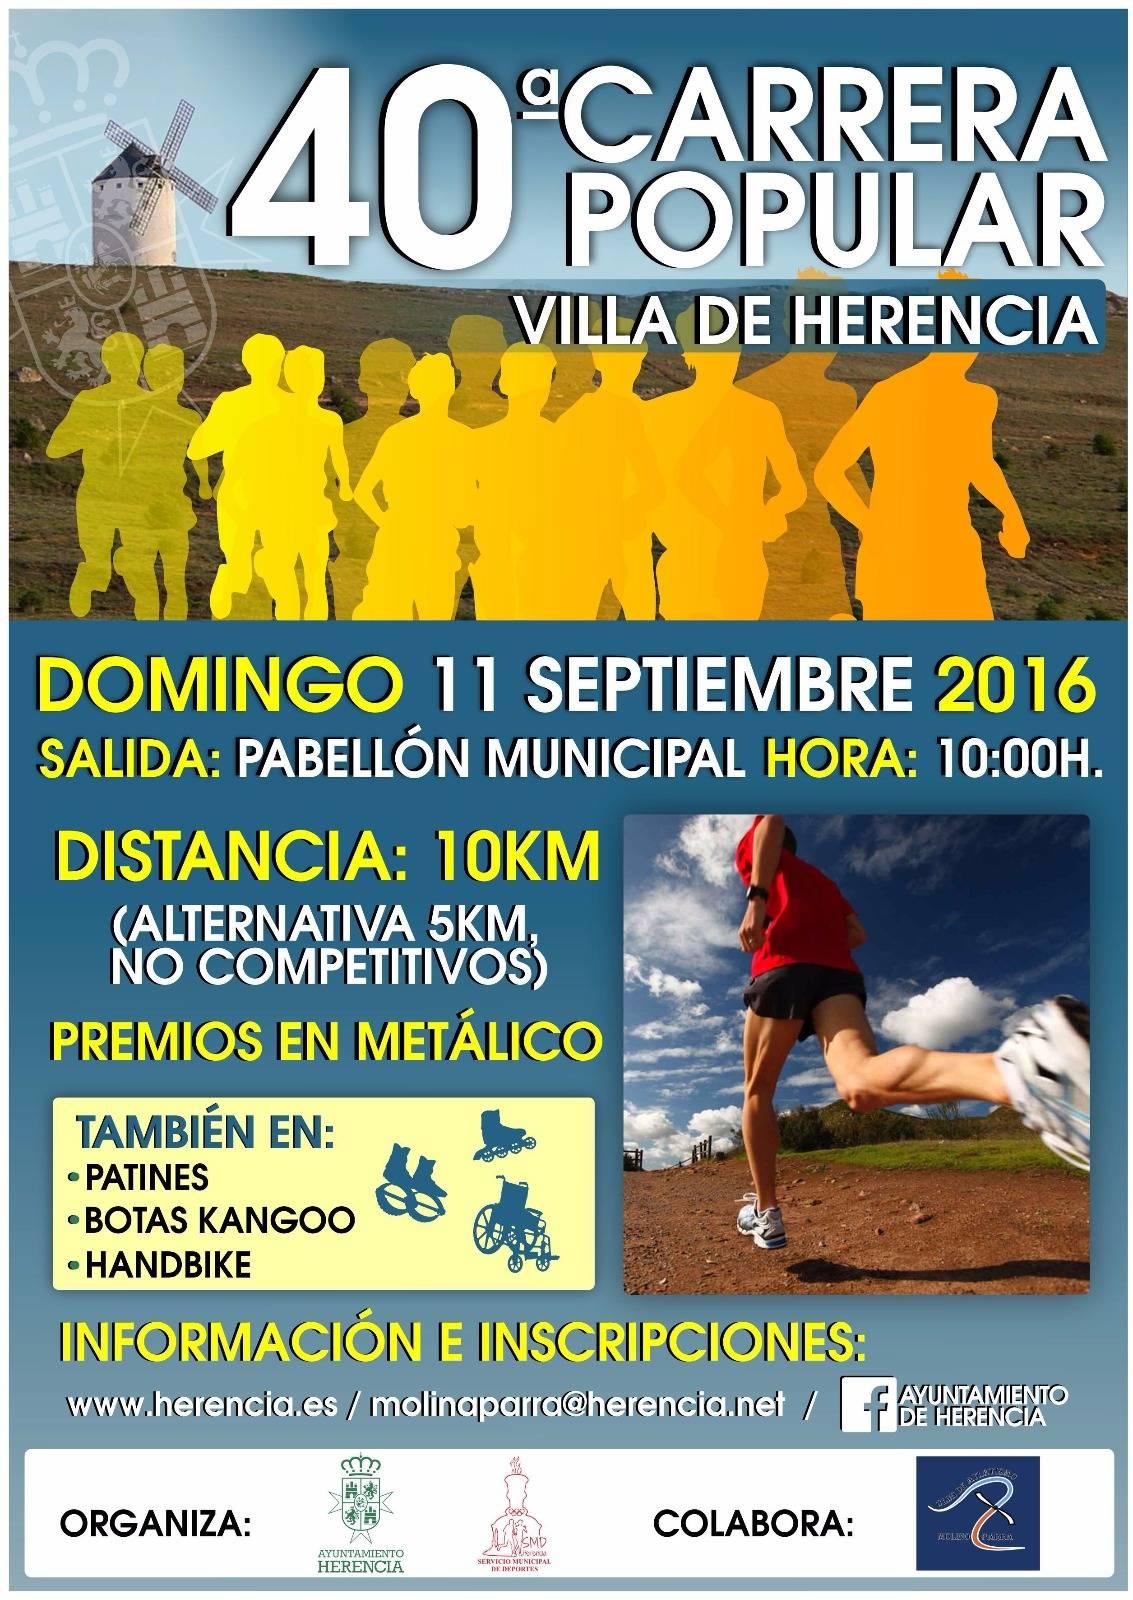 """40 carrera popular villa de herencia ciudad real 2016 - Todo preparado para la 40 Carrera Popular """"Villa de Herencia"""""""